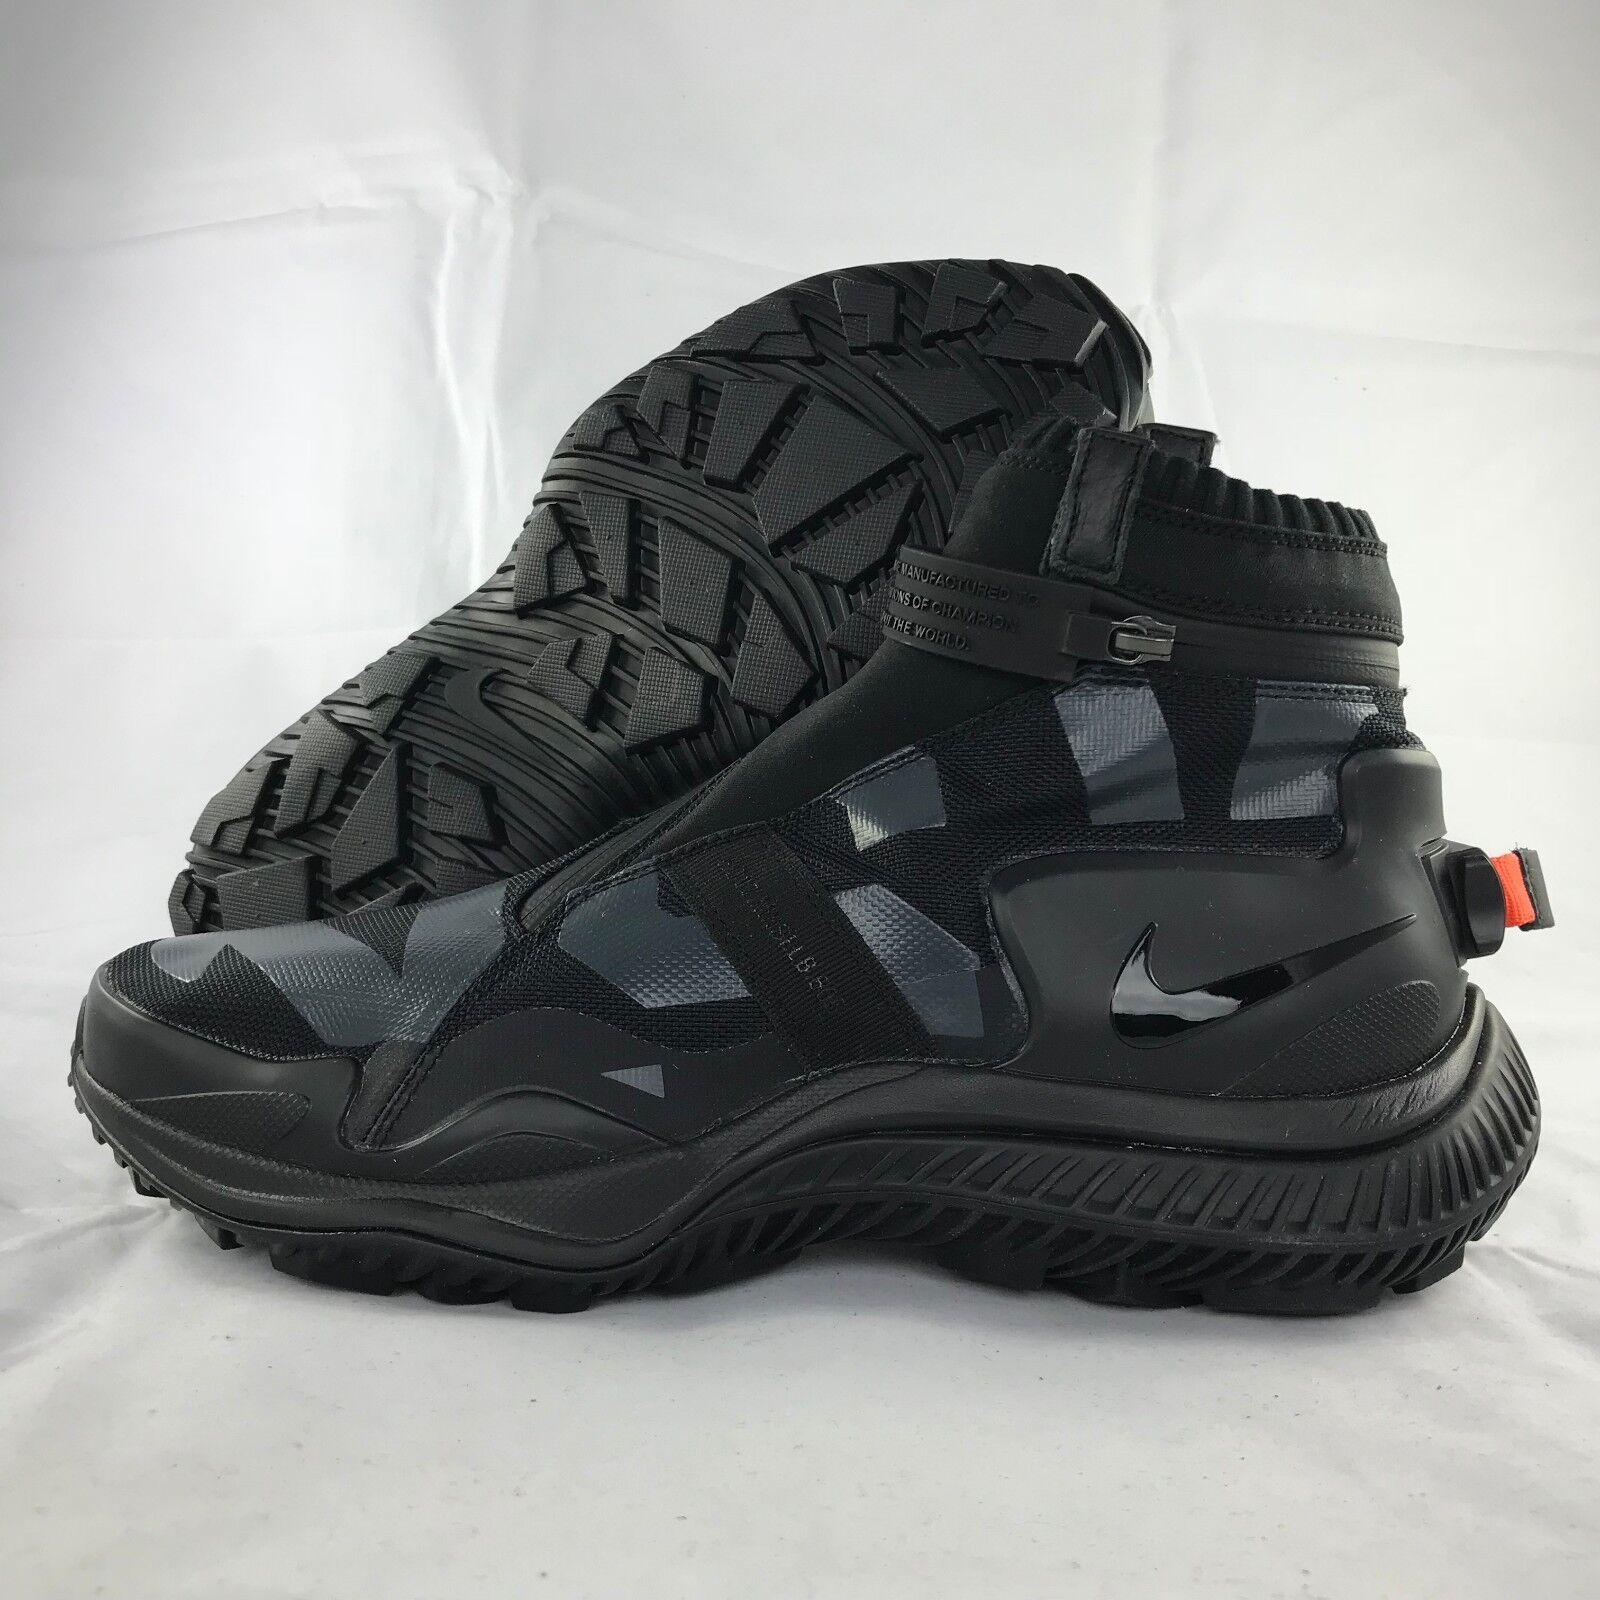 Nike NikeLab NSW Gaiter Boot Black Anthracite Orange AA0530-001 Men's 10 NEW